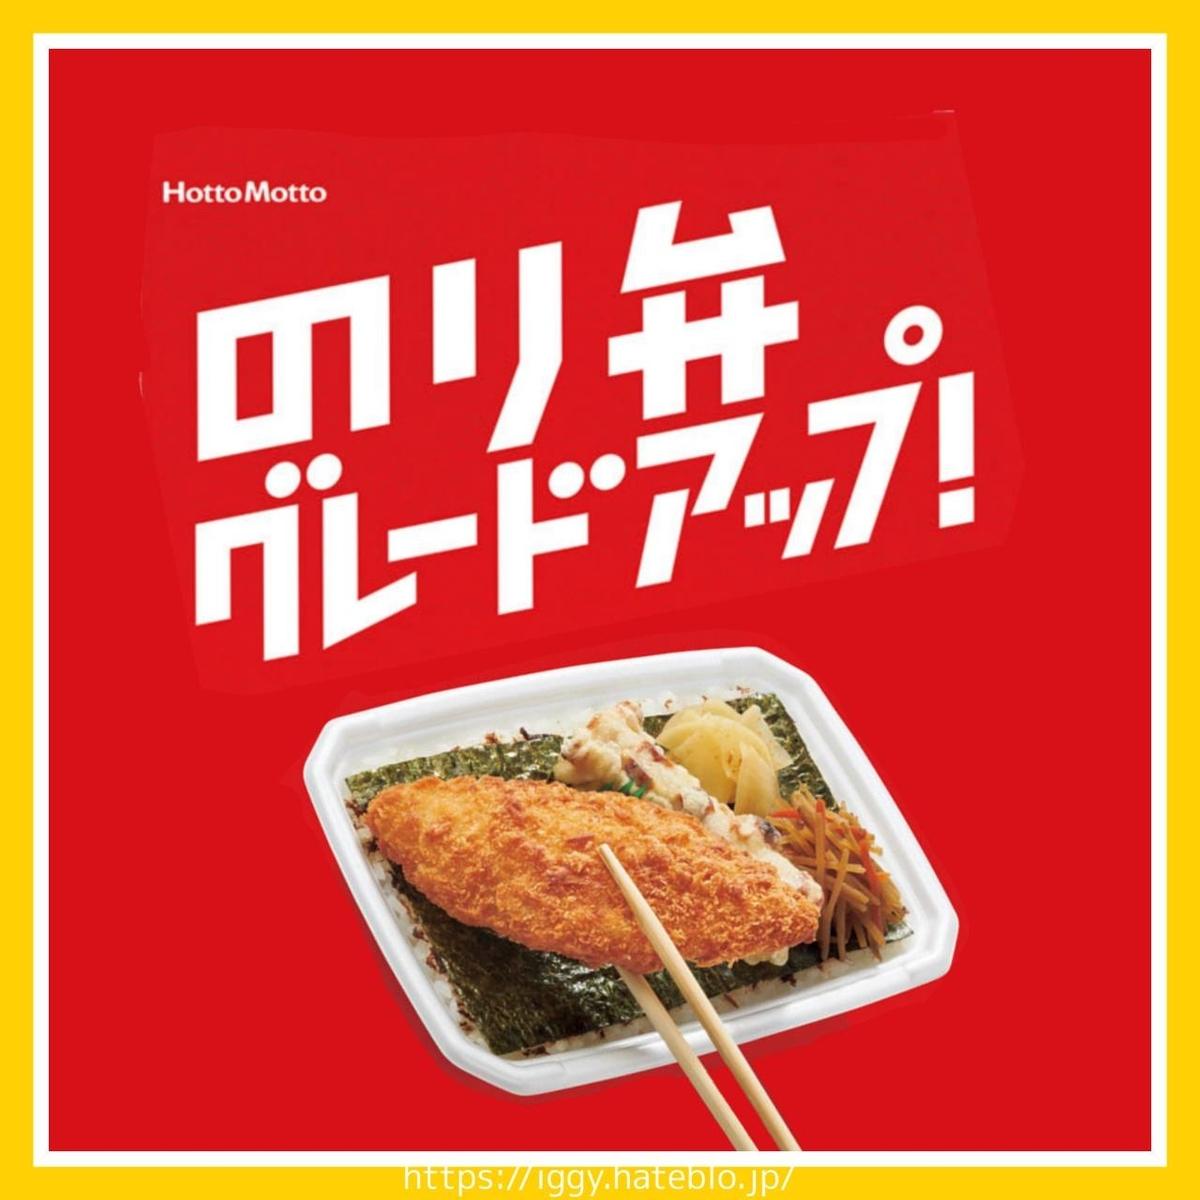 『ほっともっと』 の人気商品「のり弁当」がリニューアル!